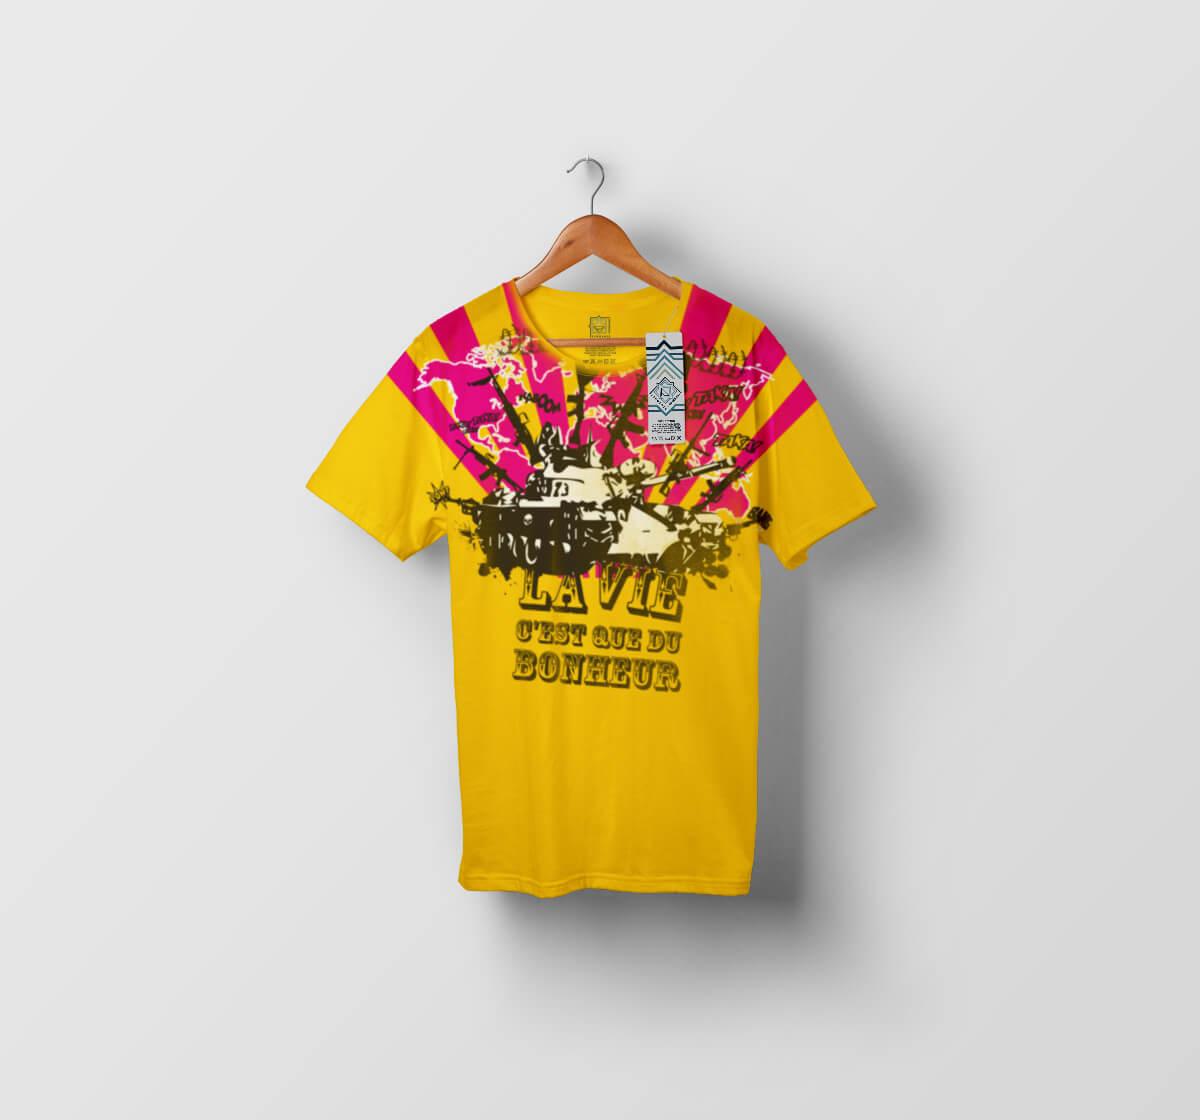 T-shirt La vie c'est que du bonheur